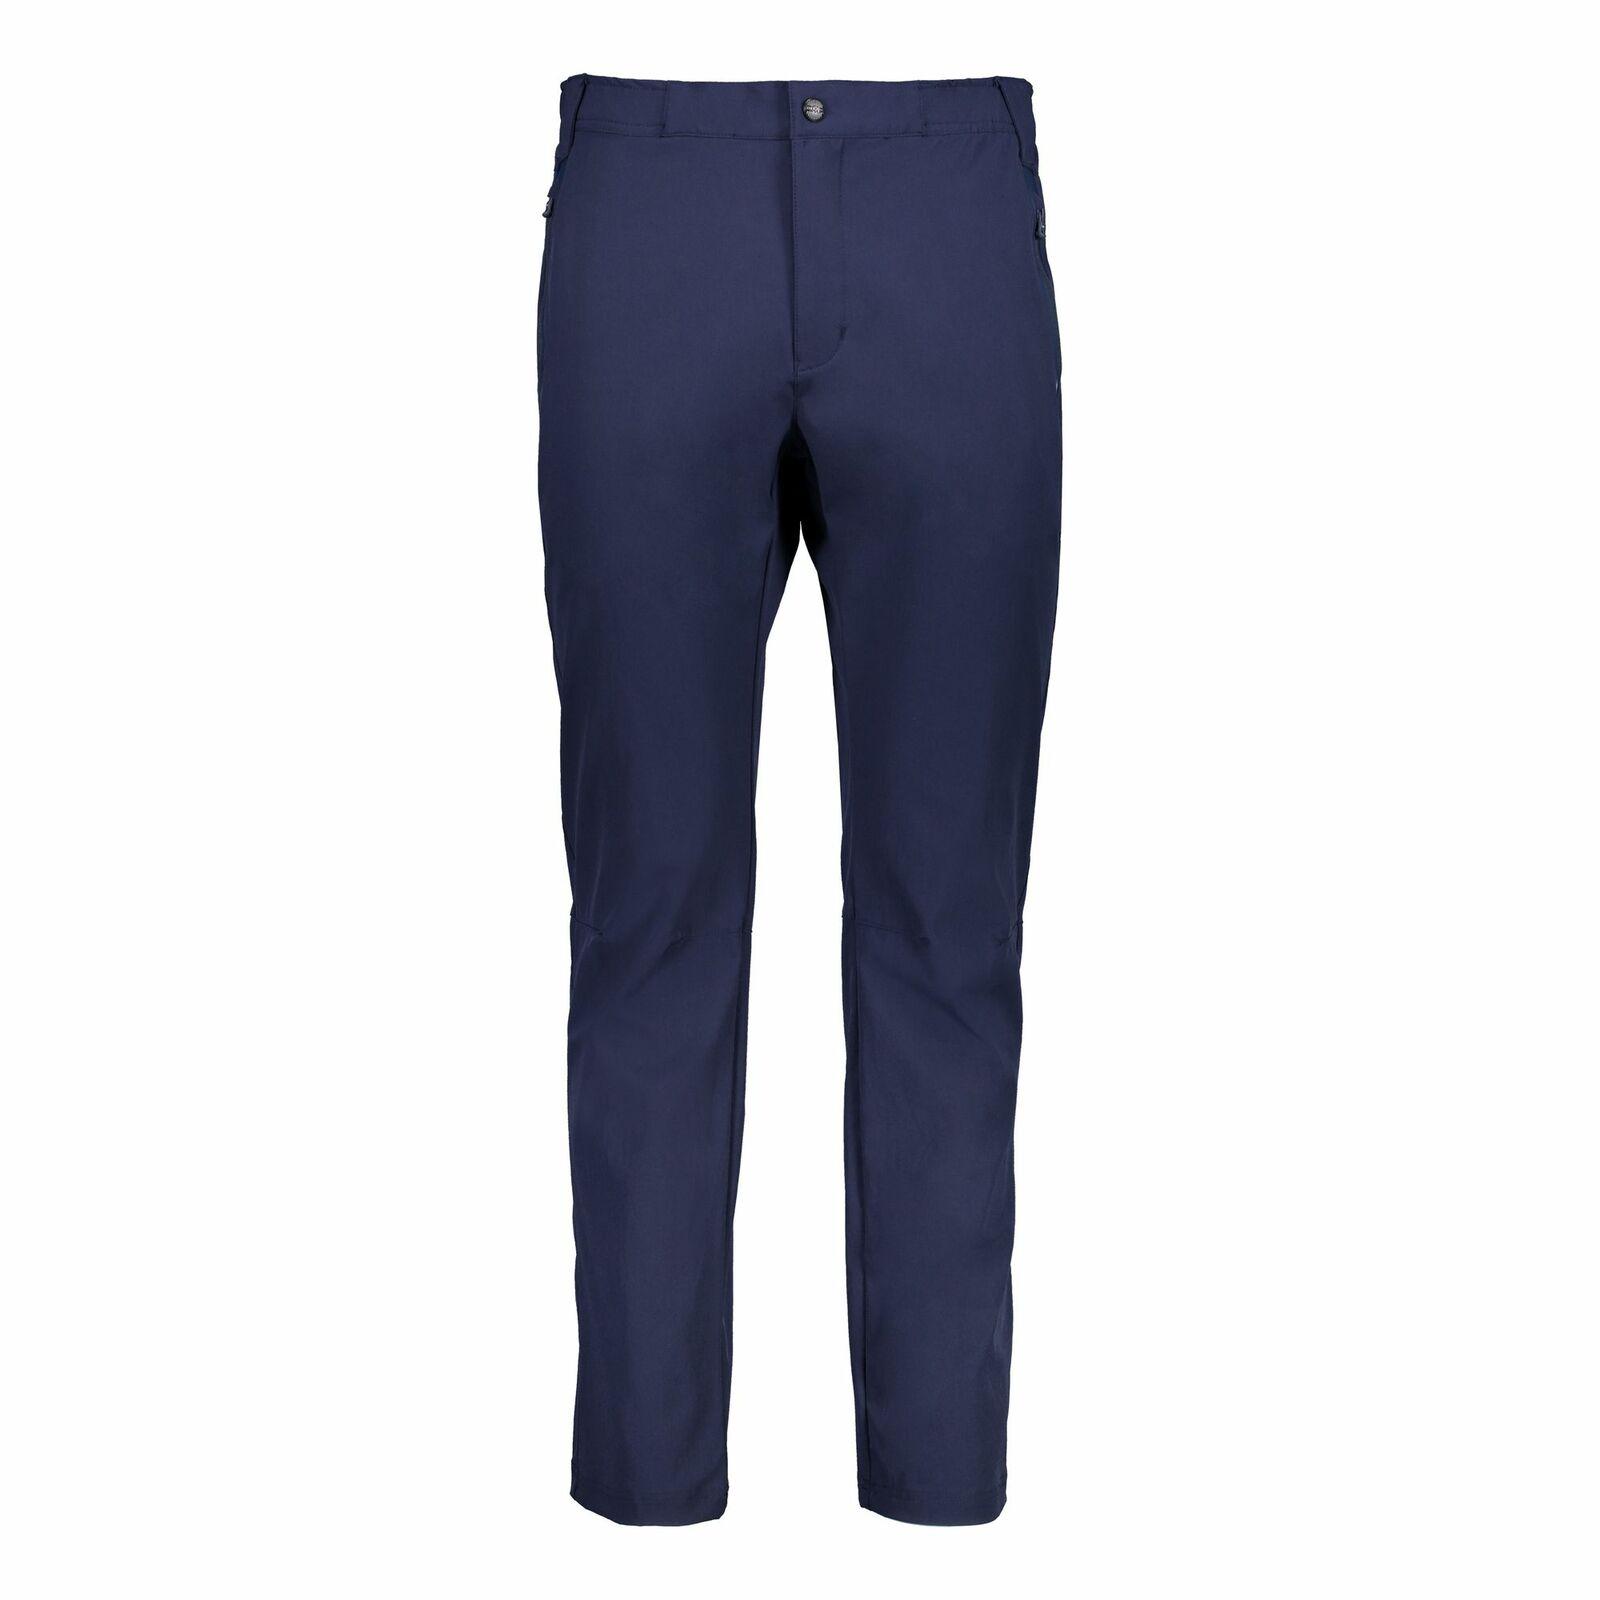 Funzione CMP Pantaloni wanderhosen si LONG PANT BLU SCURO elastici alla protezione dai raggi UV